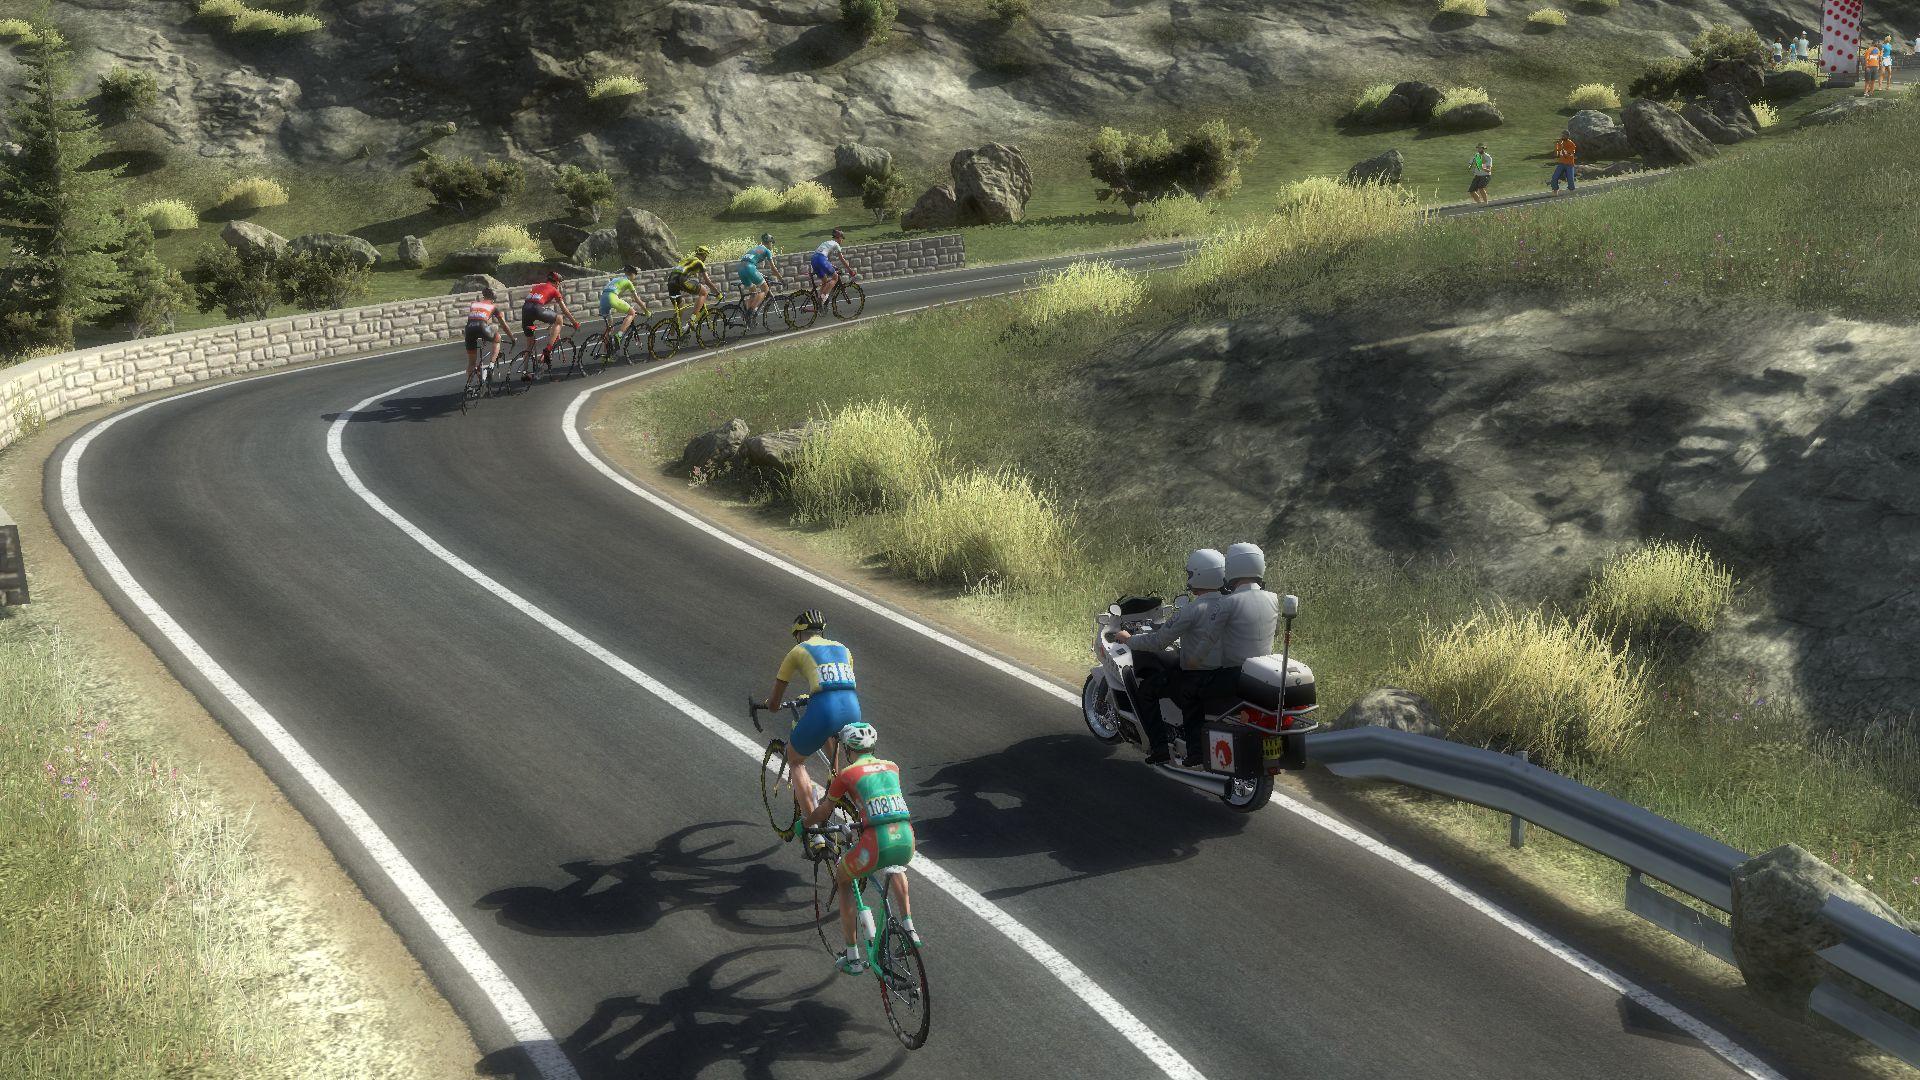 pcmdaily.com/images/mg/2020/Reports/C1/Andorra/TdAS5%2014.jpg